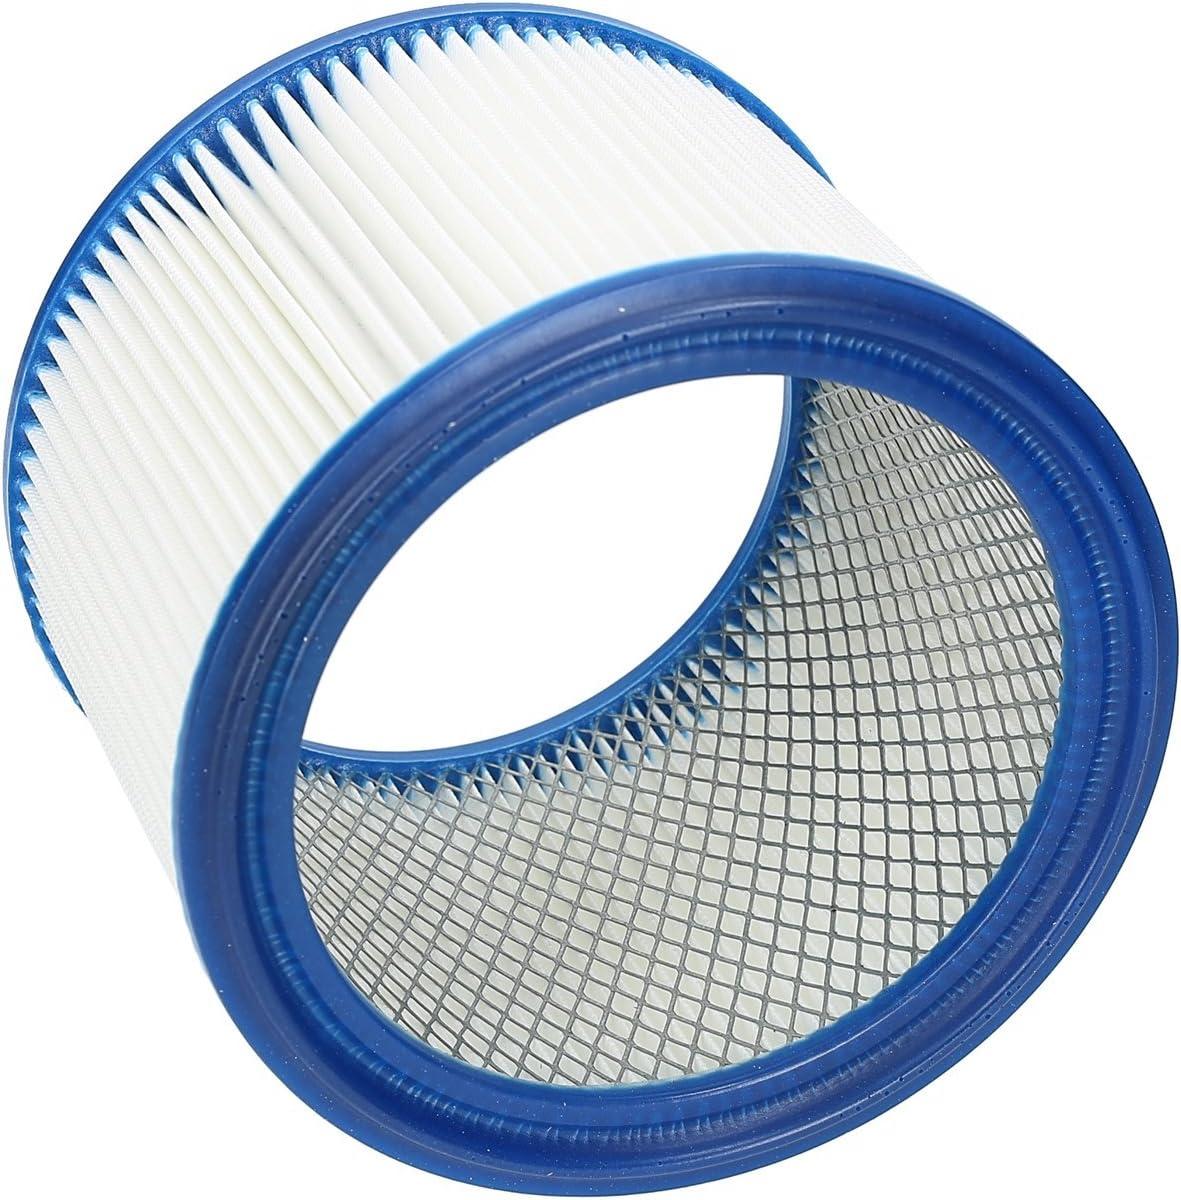 Wessper Filtro de cartucho para aspirador Stihl SE 60 C (Para uso húmedo y seco): Amazon.es: Bricolaje y herramientas